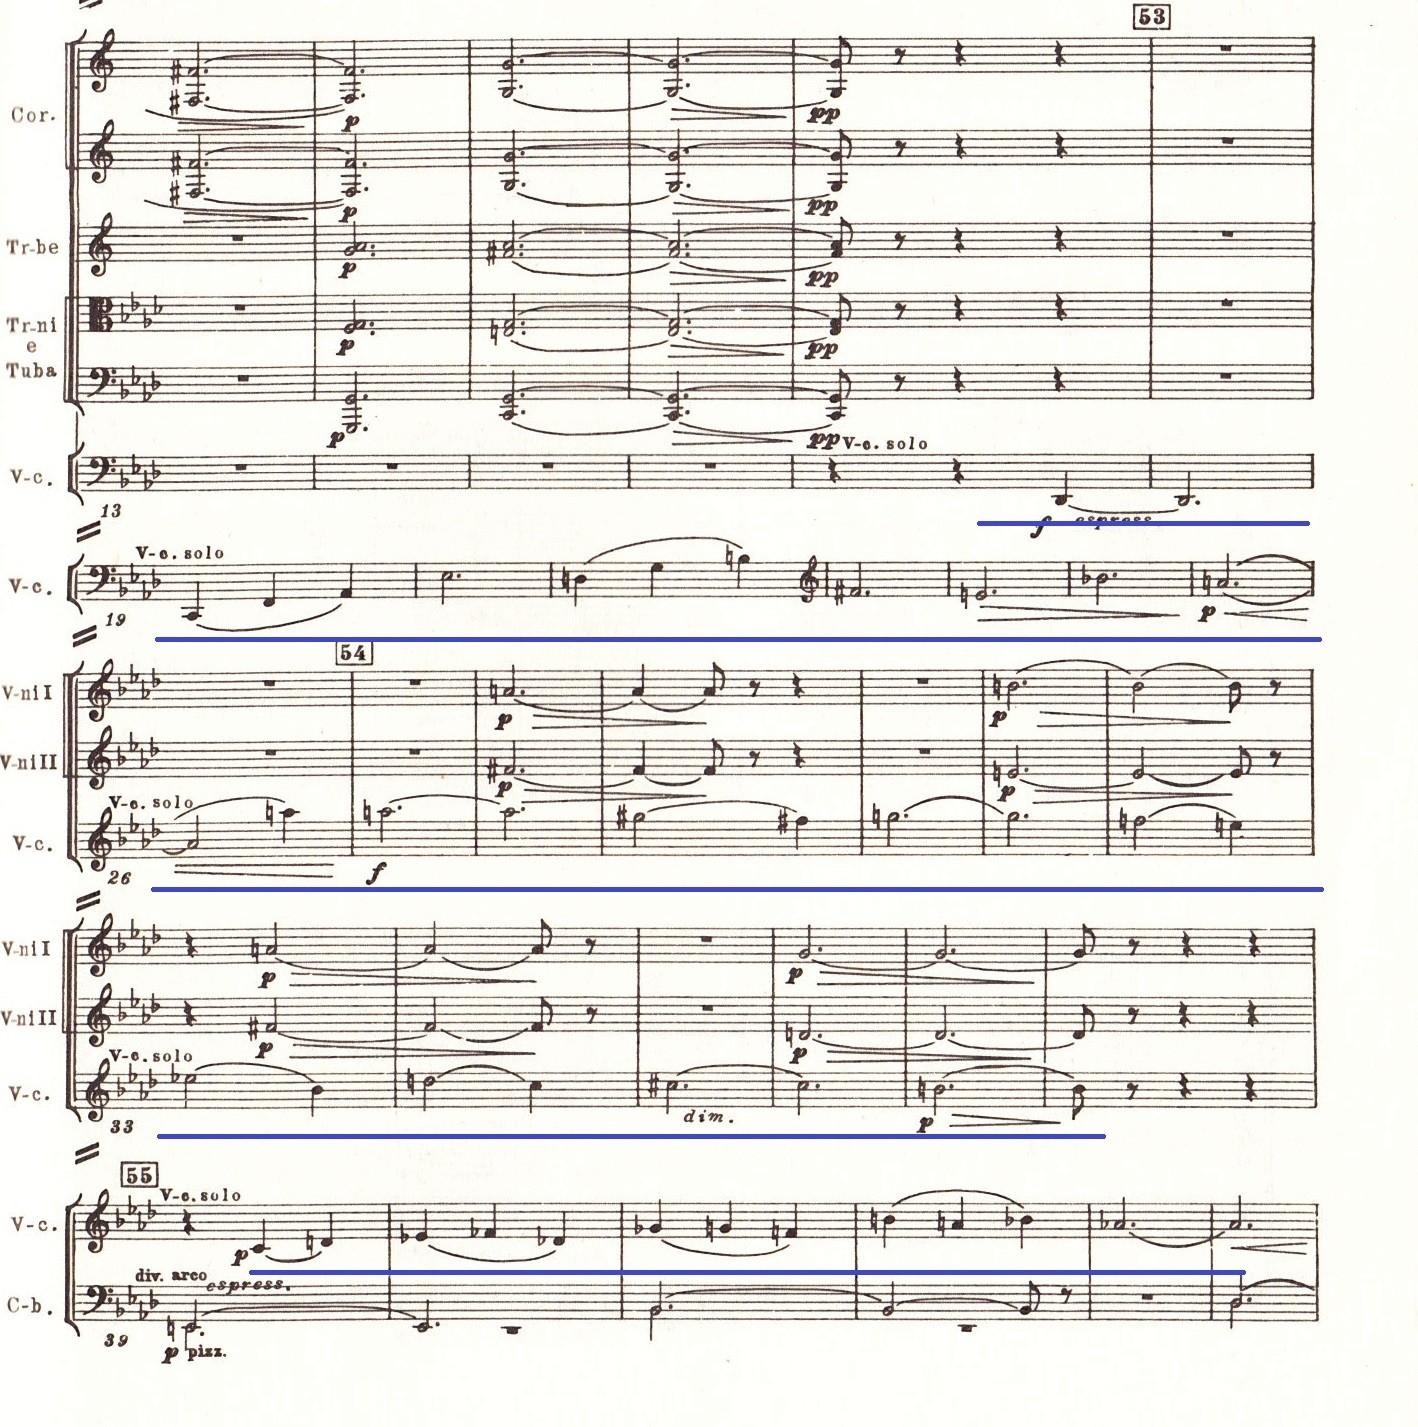 【ヤマハ】「鳥の歌」の楽譜・商品一覧(曲検索) - 通販サイト - ヤマハミュージックメディア